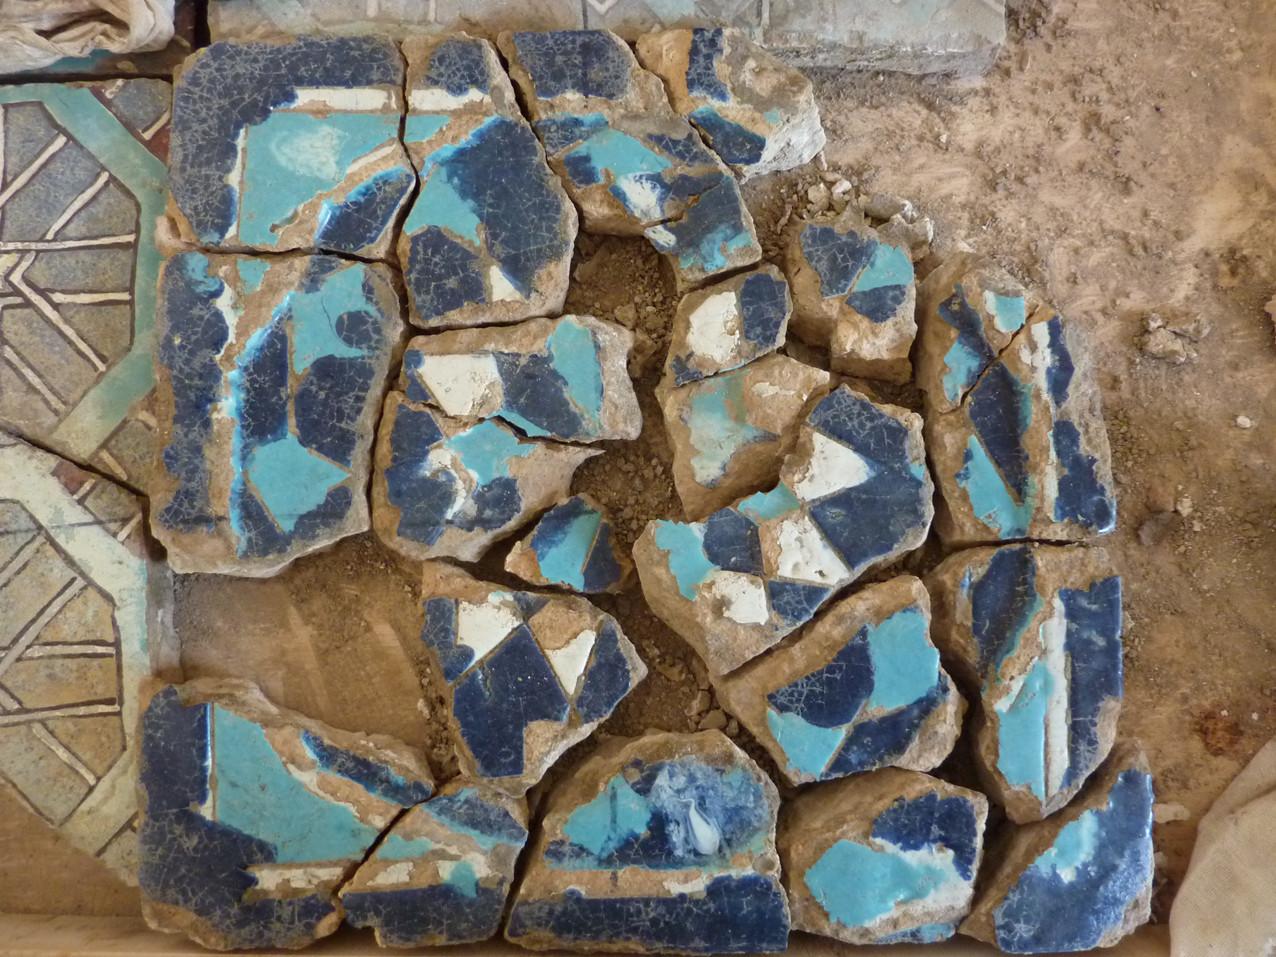 Le même désentoilé. Sans l'entoilage les fragments se seraient éparpillés durant le transport (Socra, 2012)